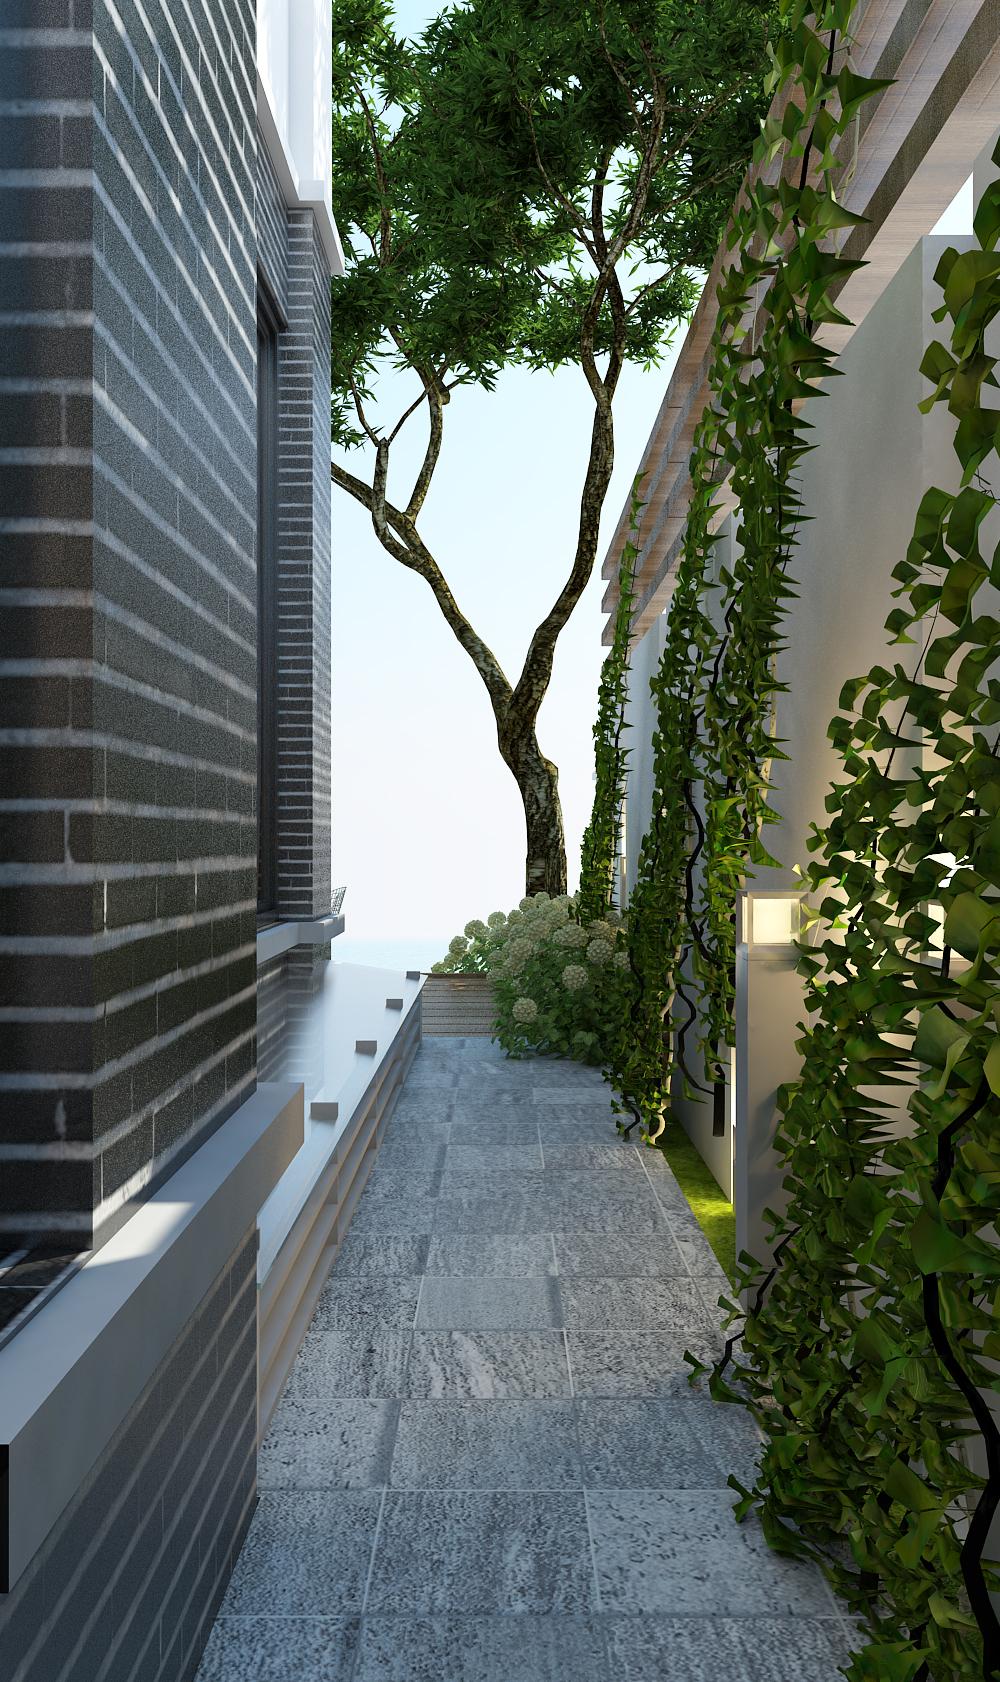 thiết kế nội thất Biệt Thự tại Hà Nội bt Vinhomes - riverside 6 1568085333